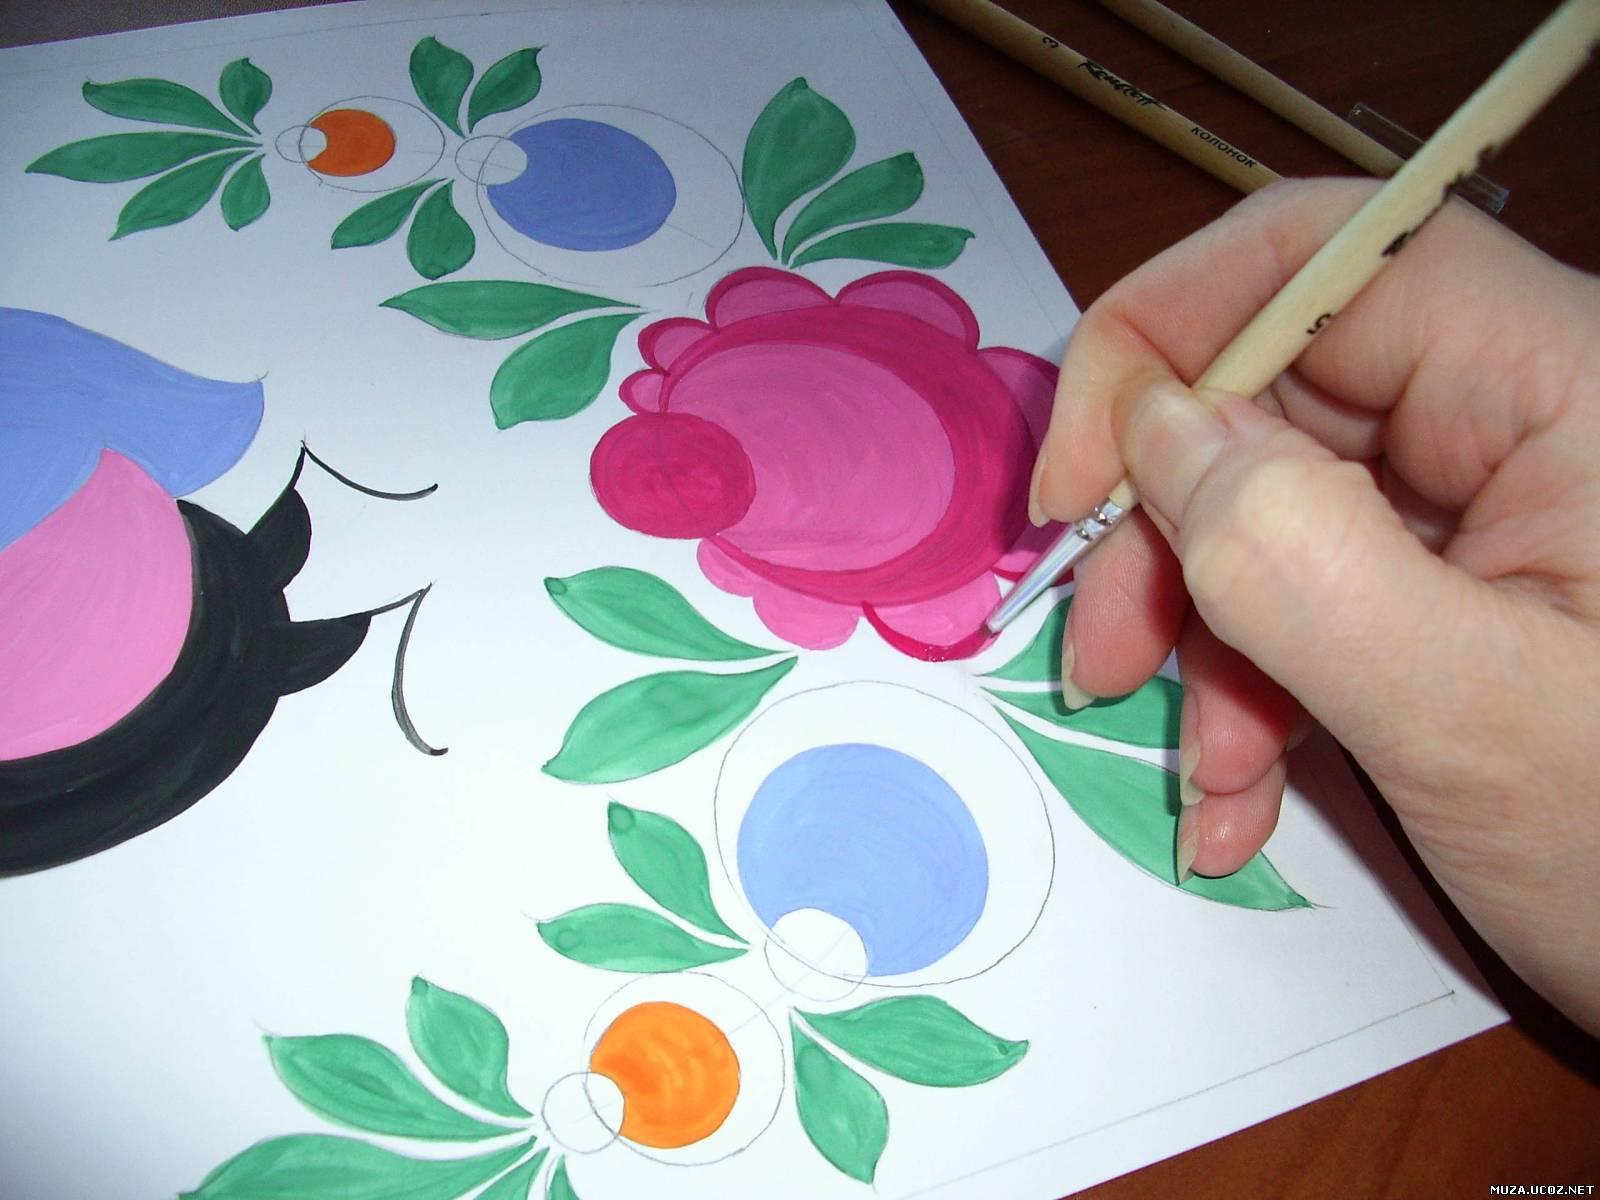 Городецкая роспись картинки цветов 2